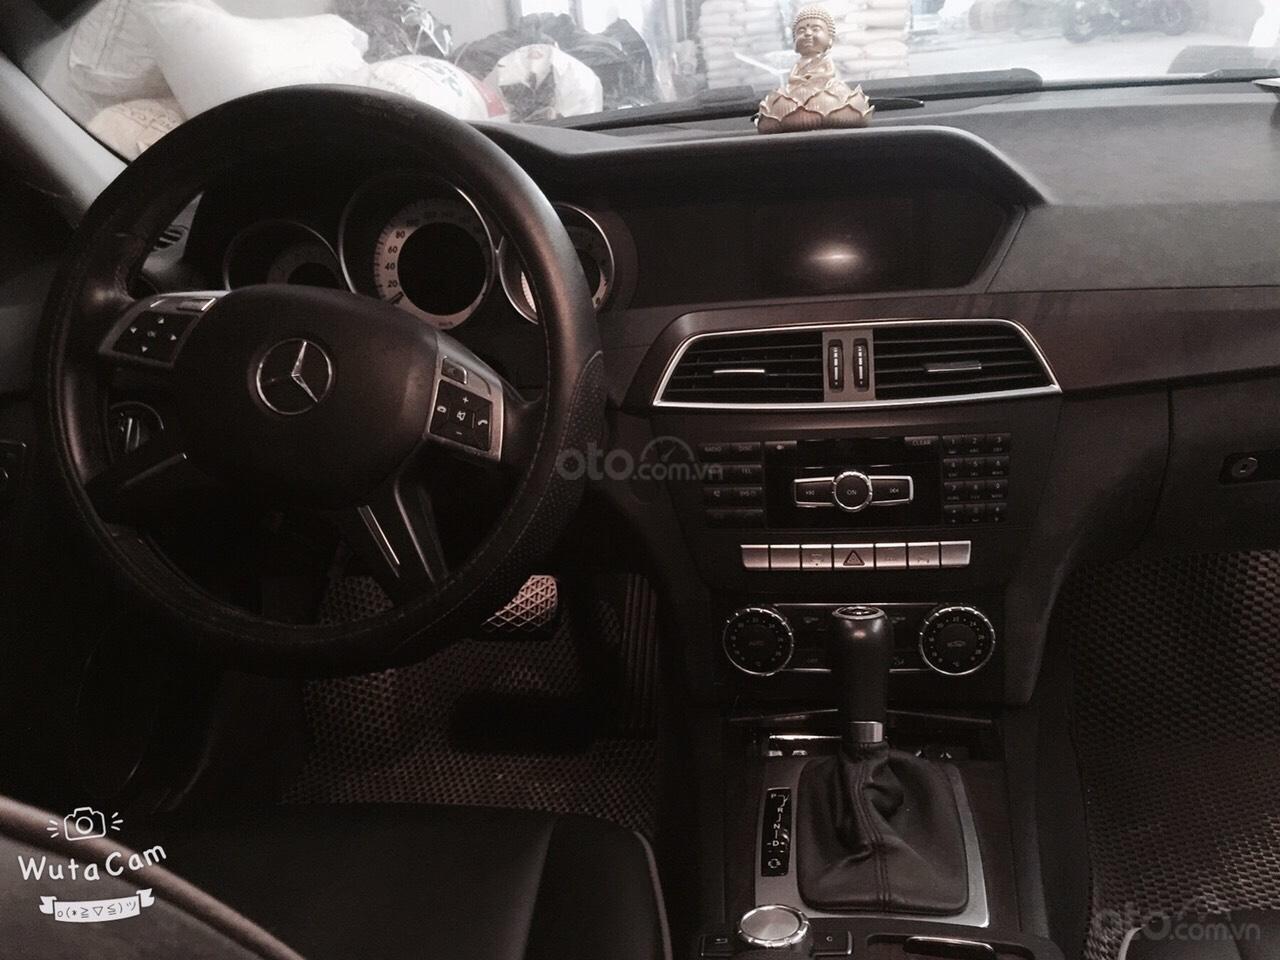 Bán Mercedes C250 1.8 AT đời 2014, màu trắng chính chủ-3